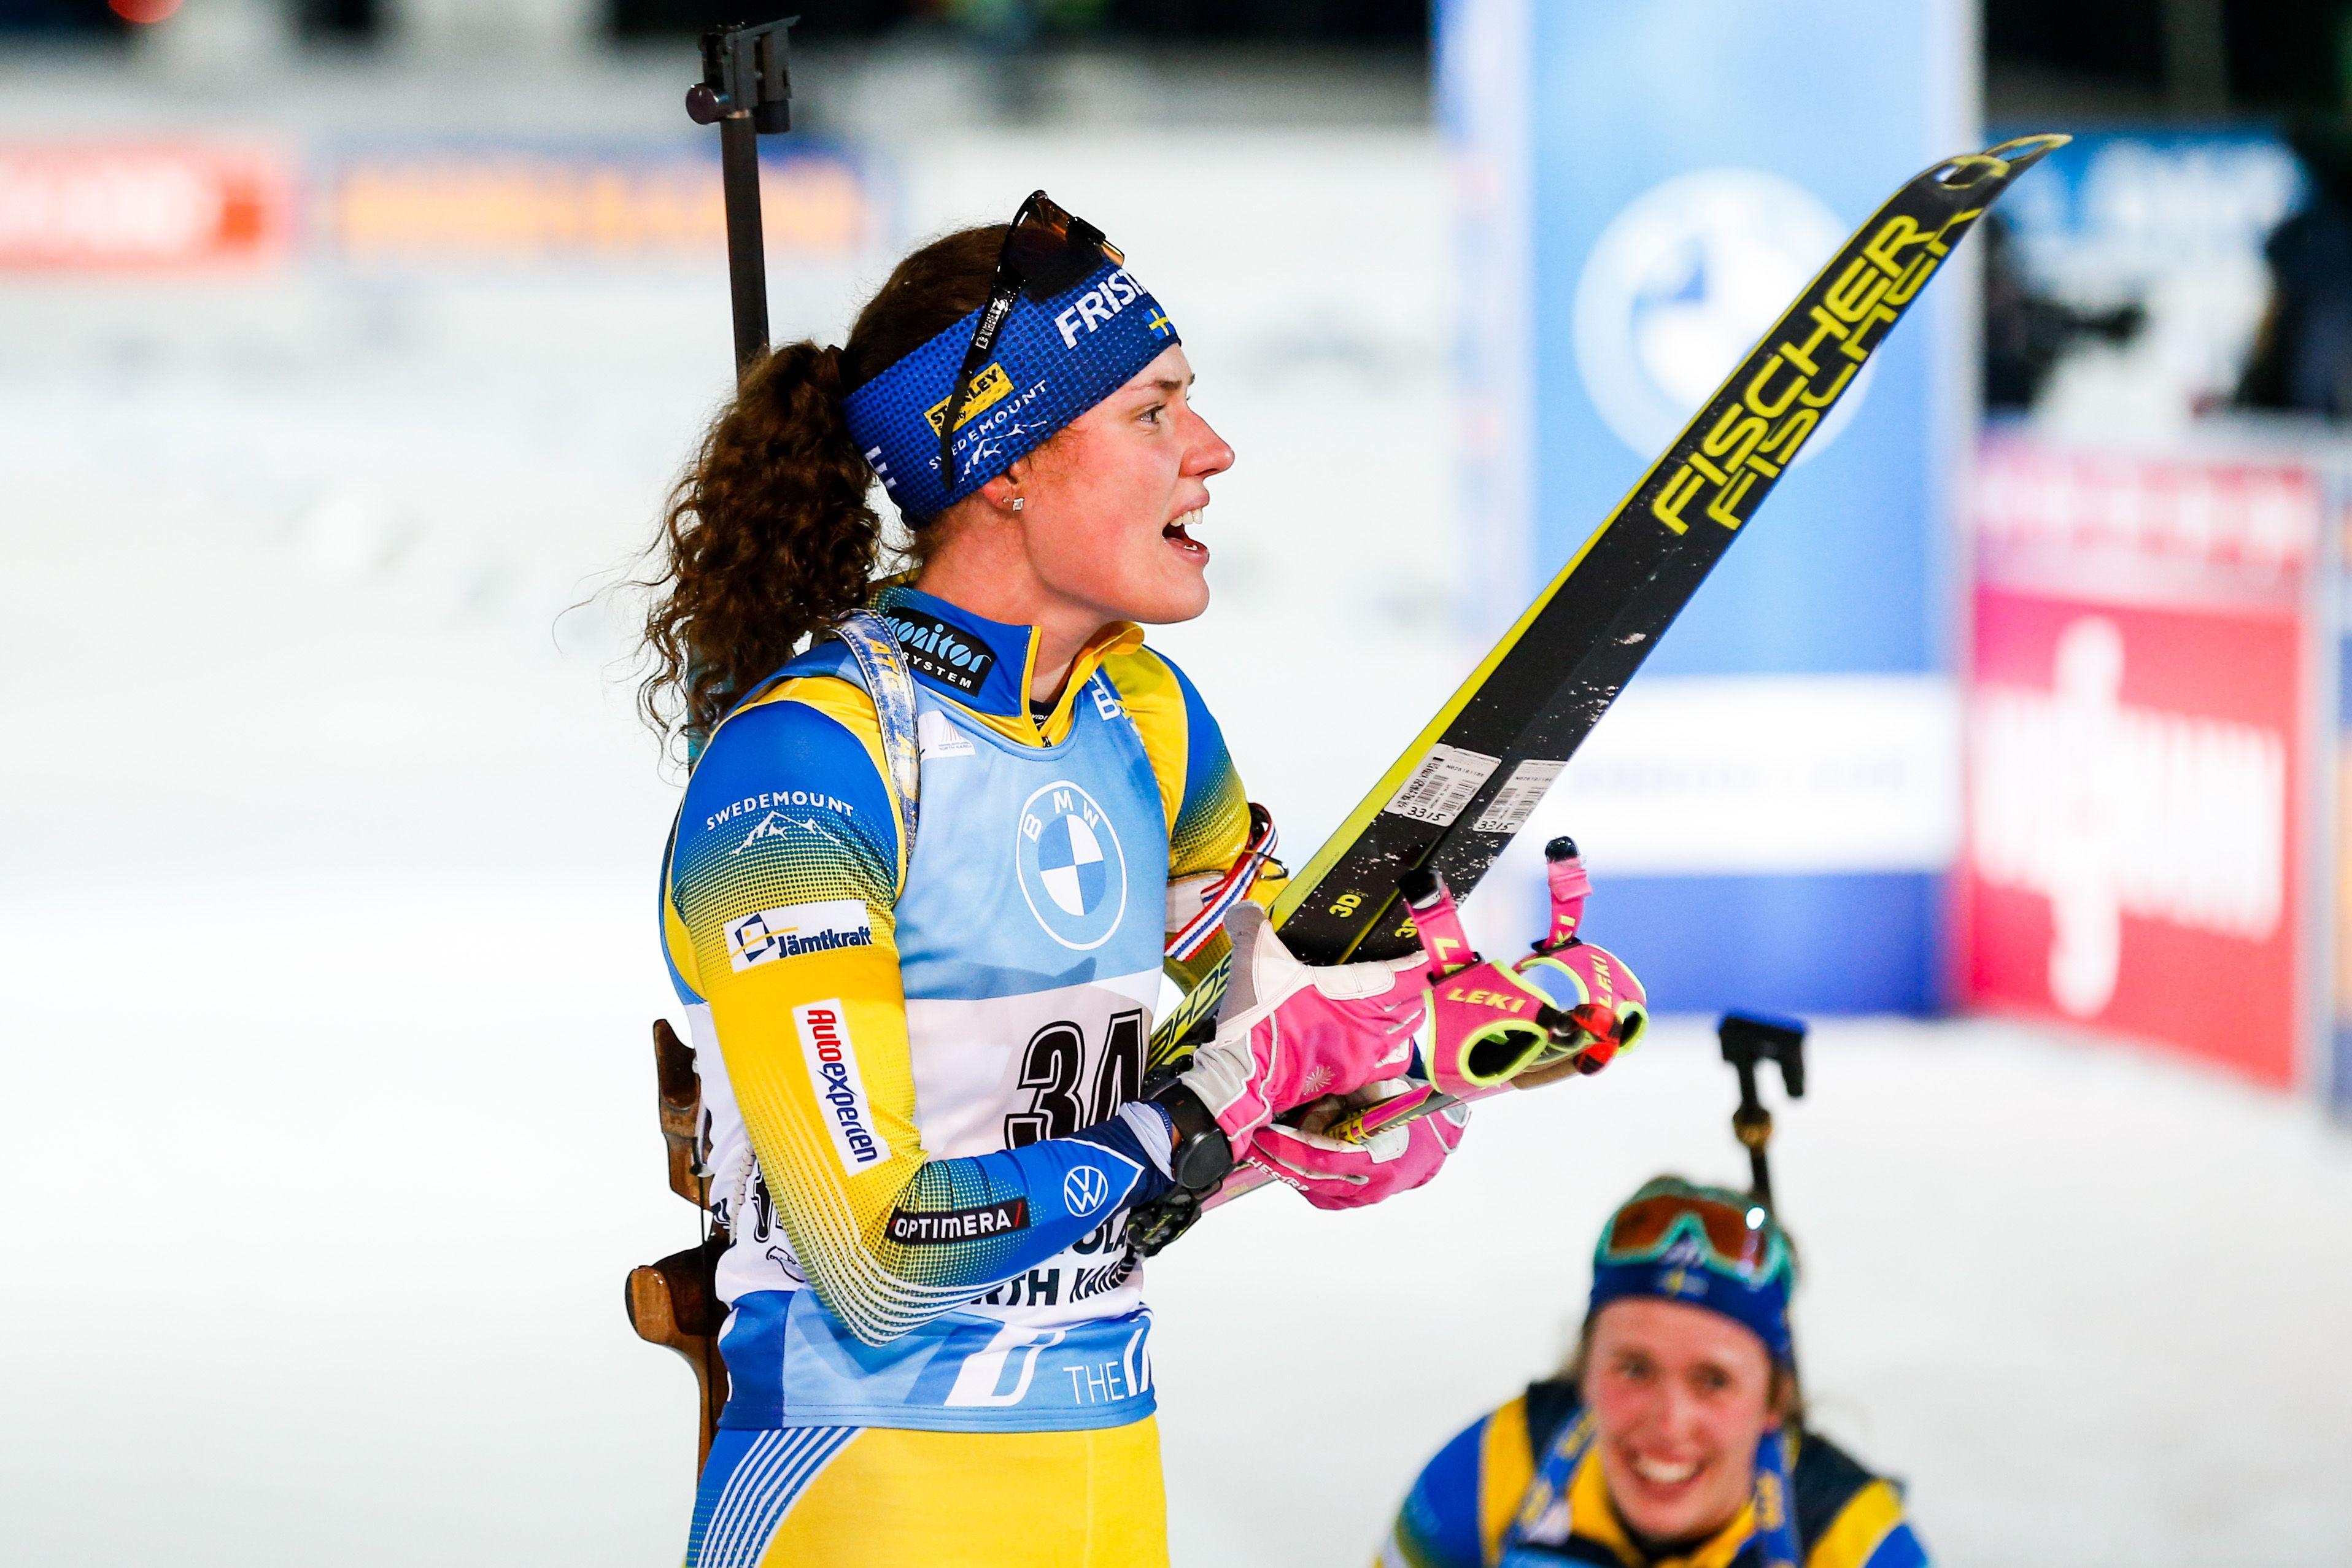 Х. Оберг выиграла спринт в Контиолахти. Все результаты